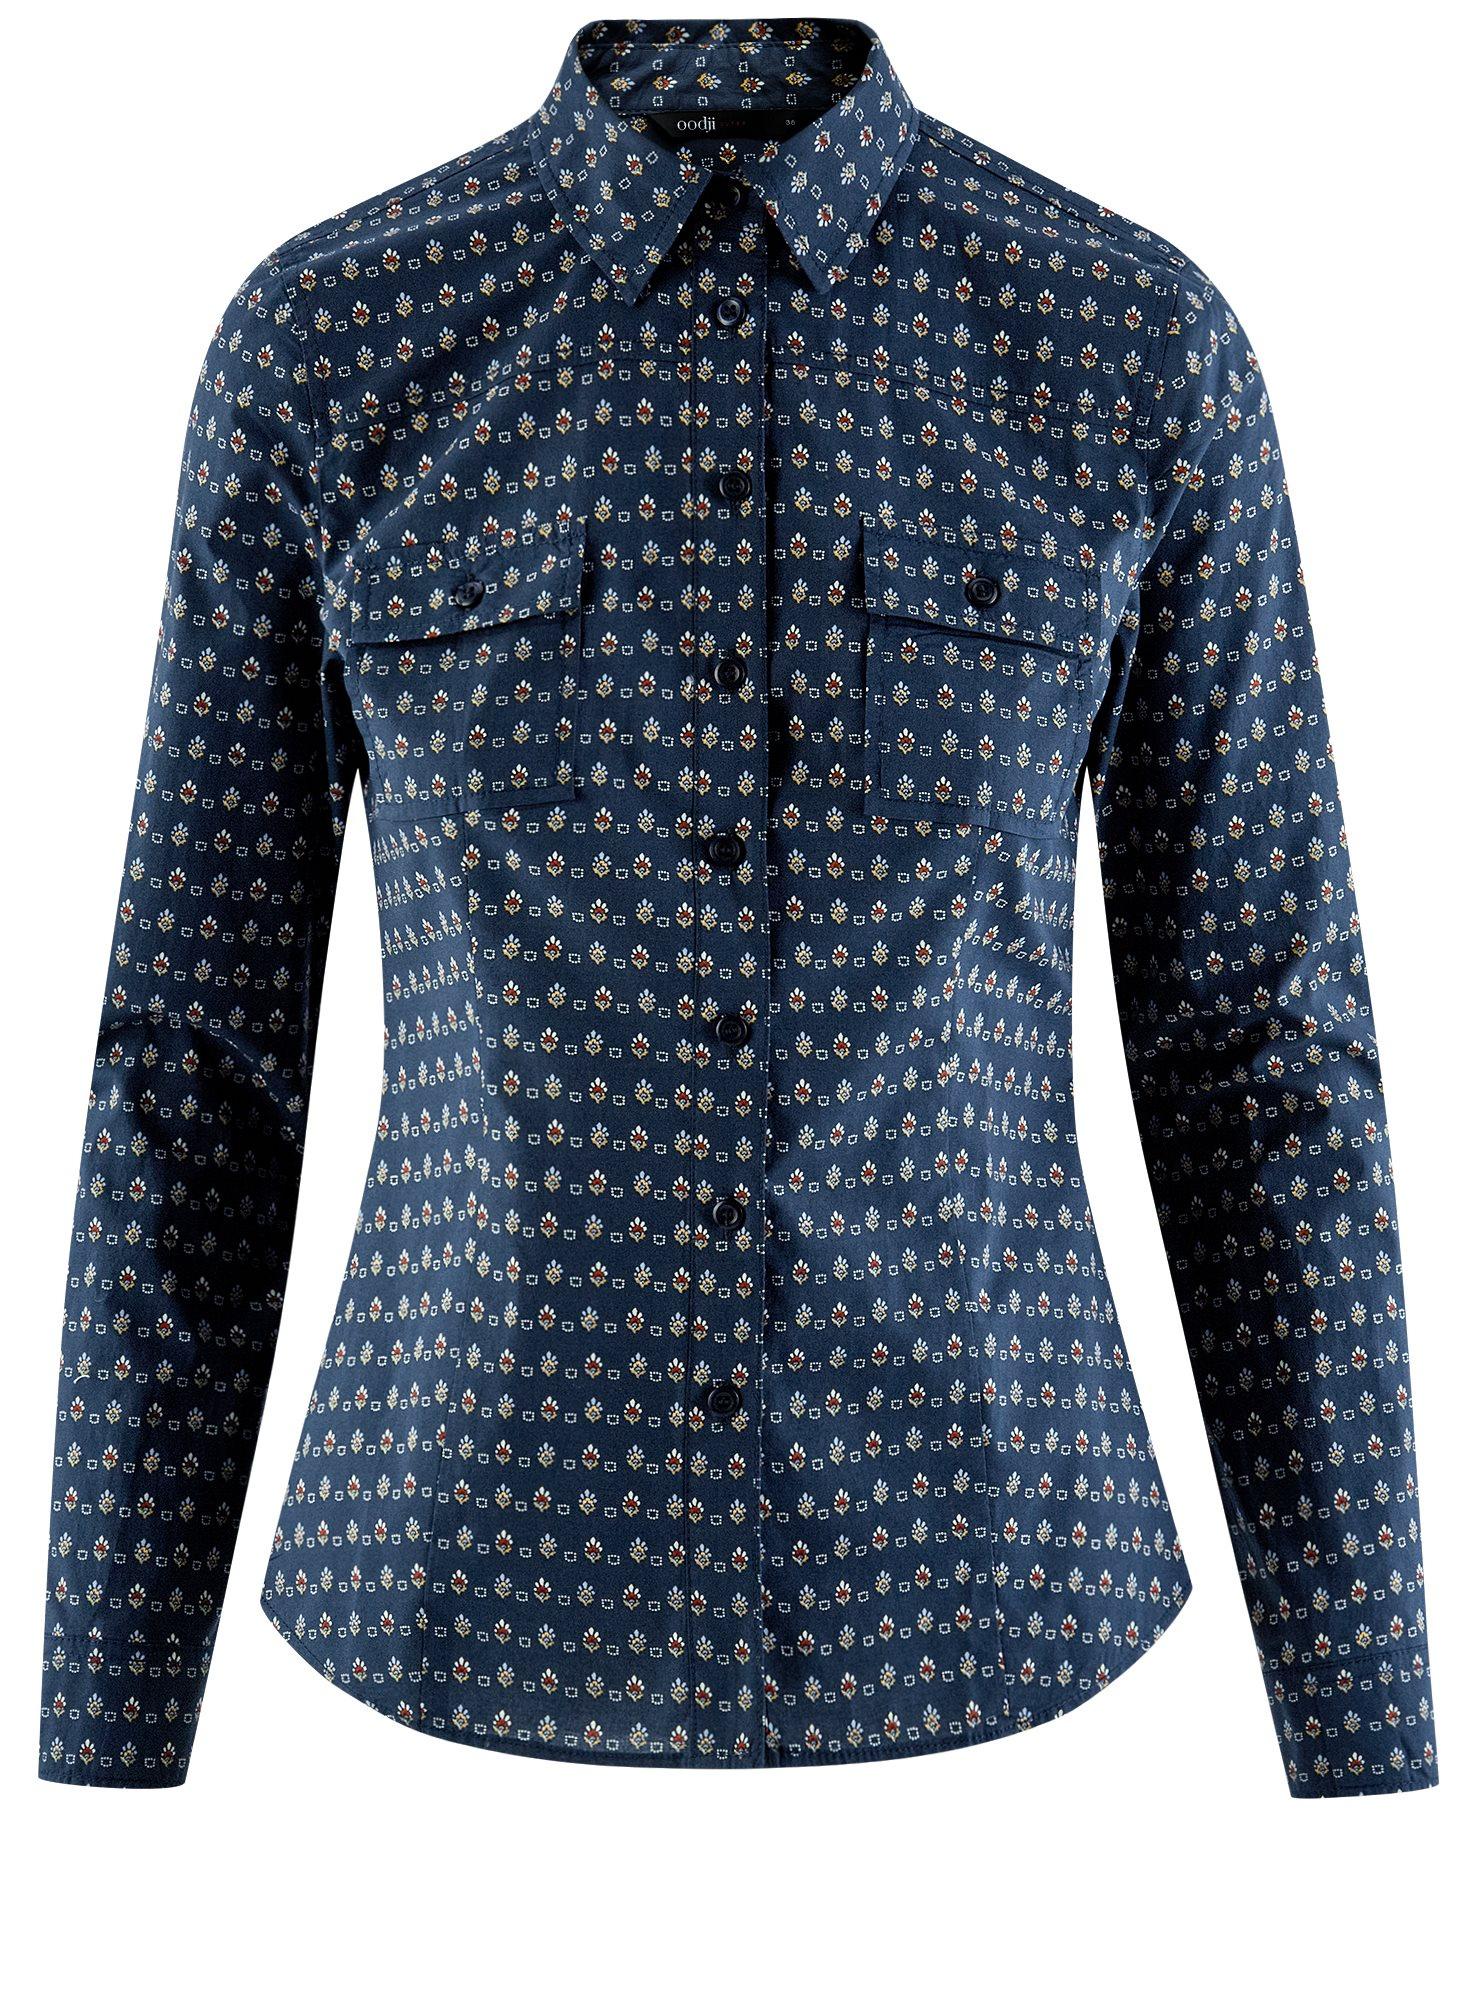 Рубашка базовая из хлопка oodji для женщины (синий), 11442121-5B/43609/7930G